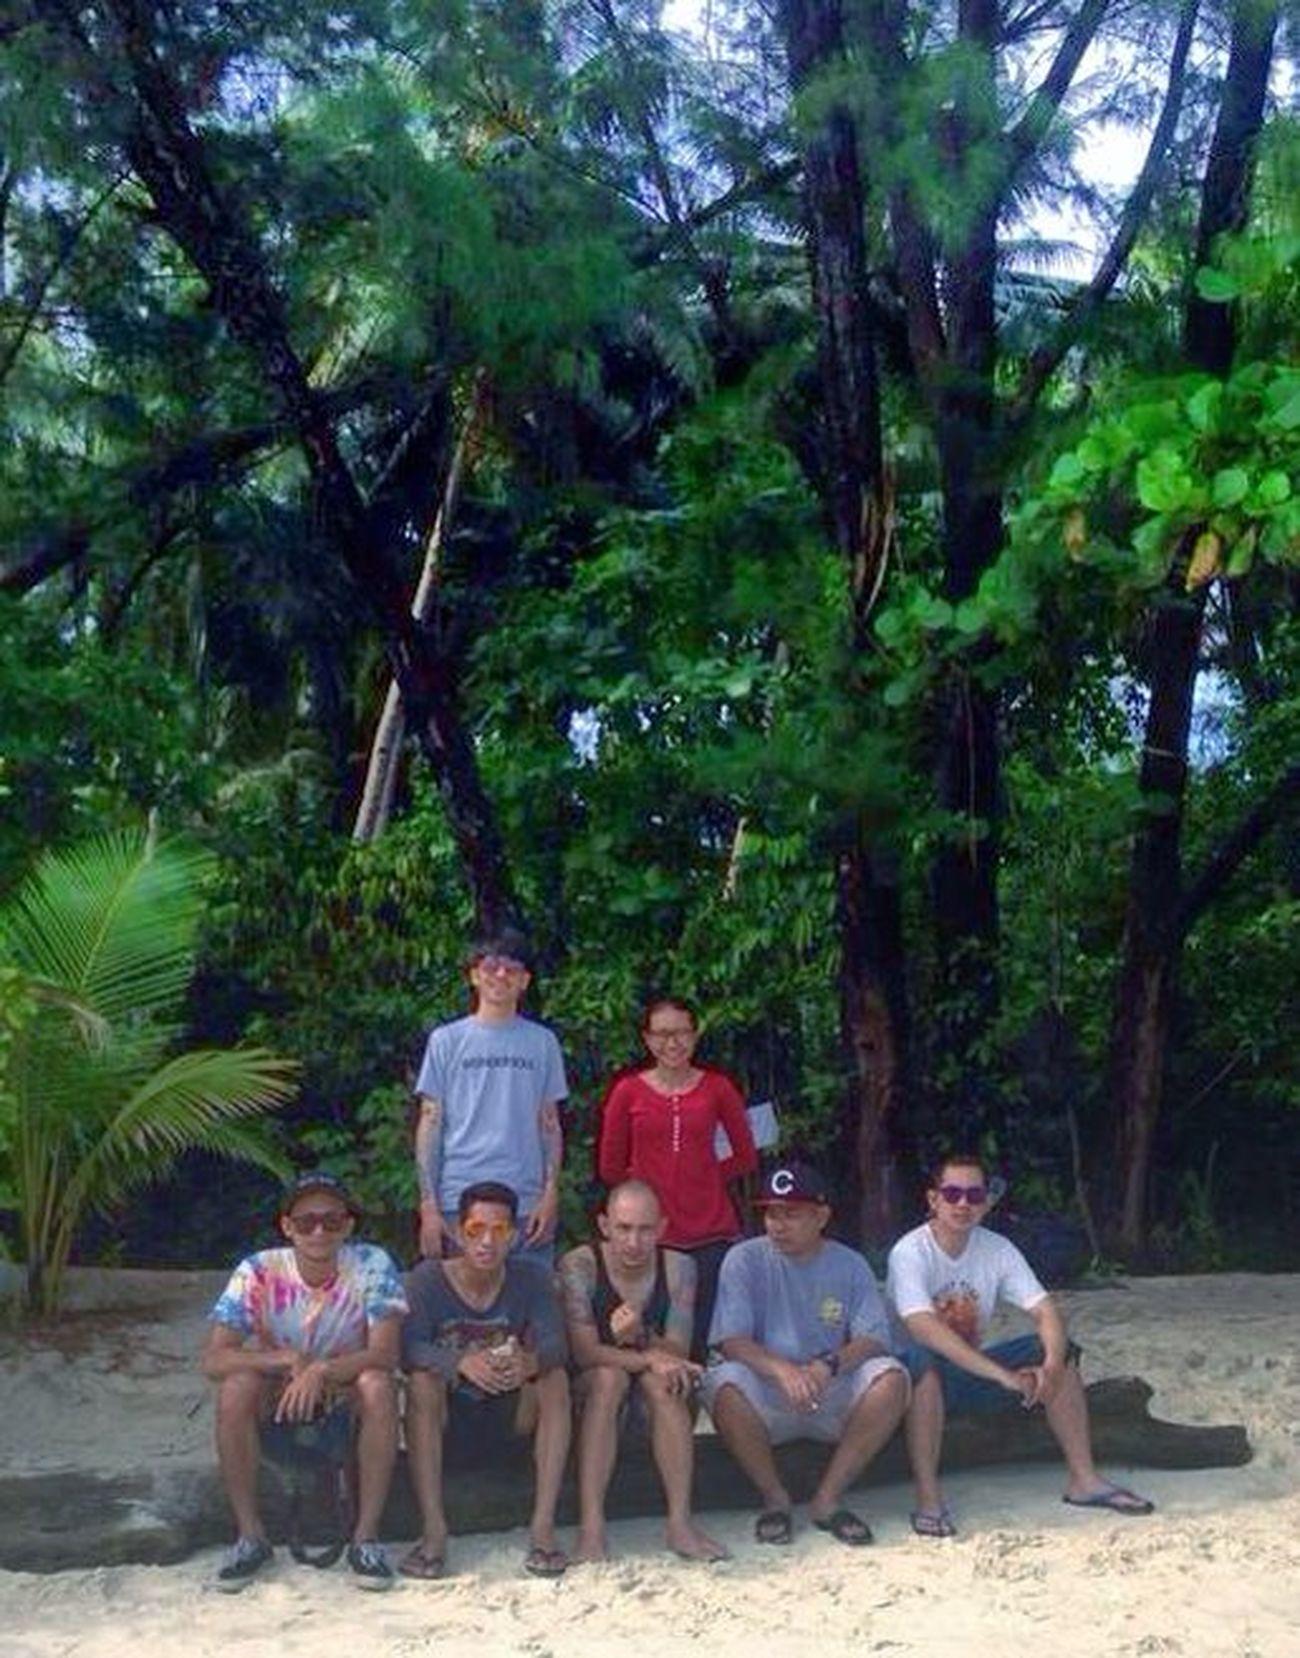 Pantai Pulau Perak Hanging Out Enjoying Life